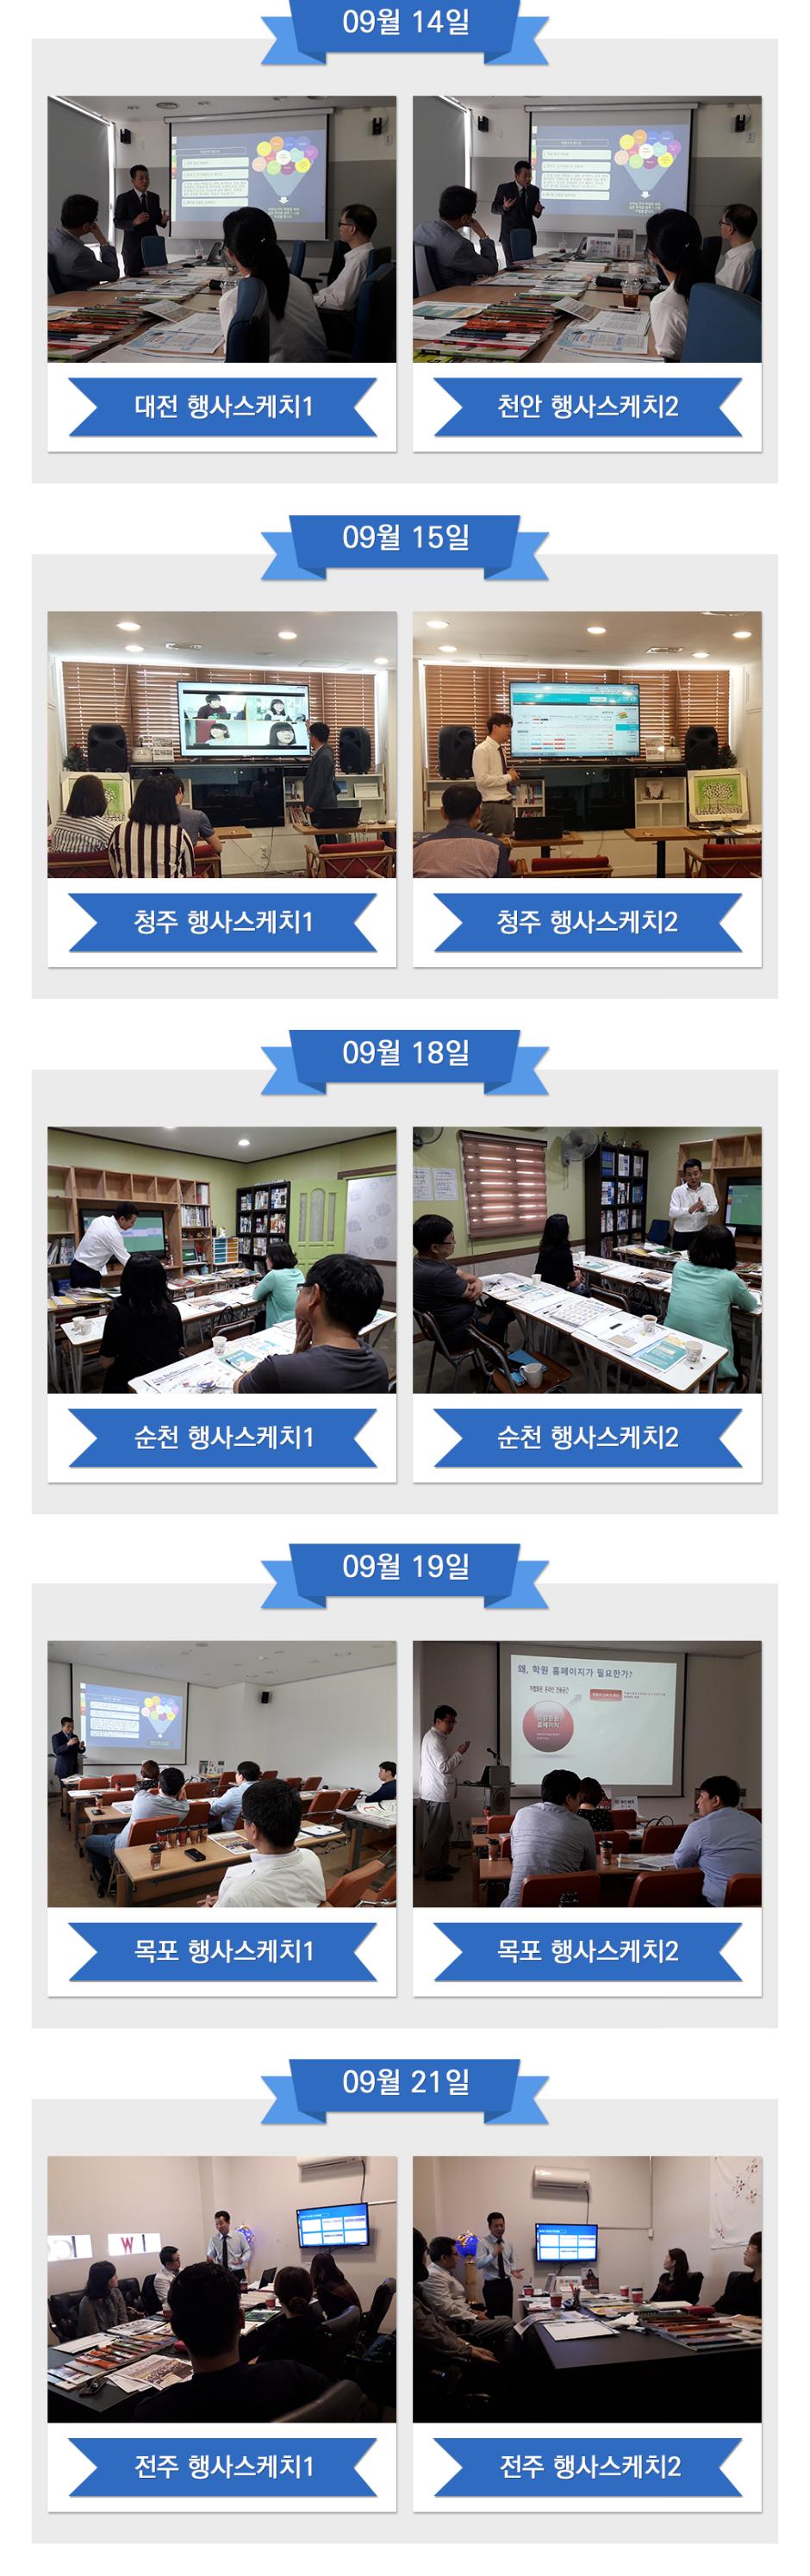 14회_소식과_만남_사진02.png